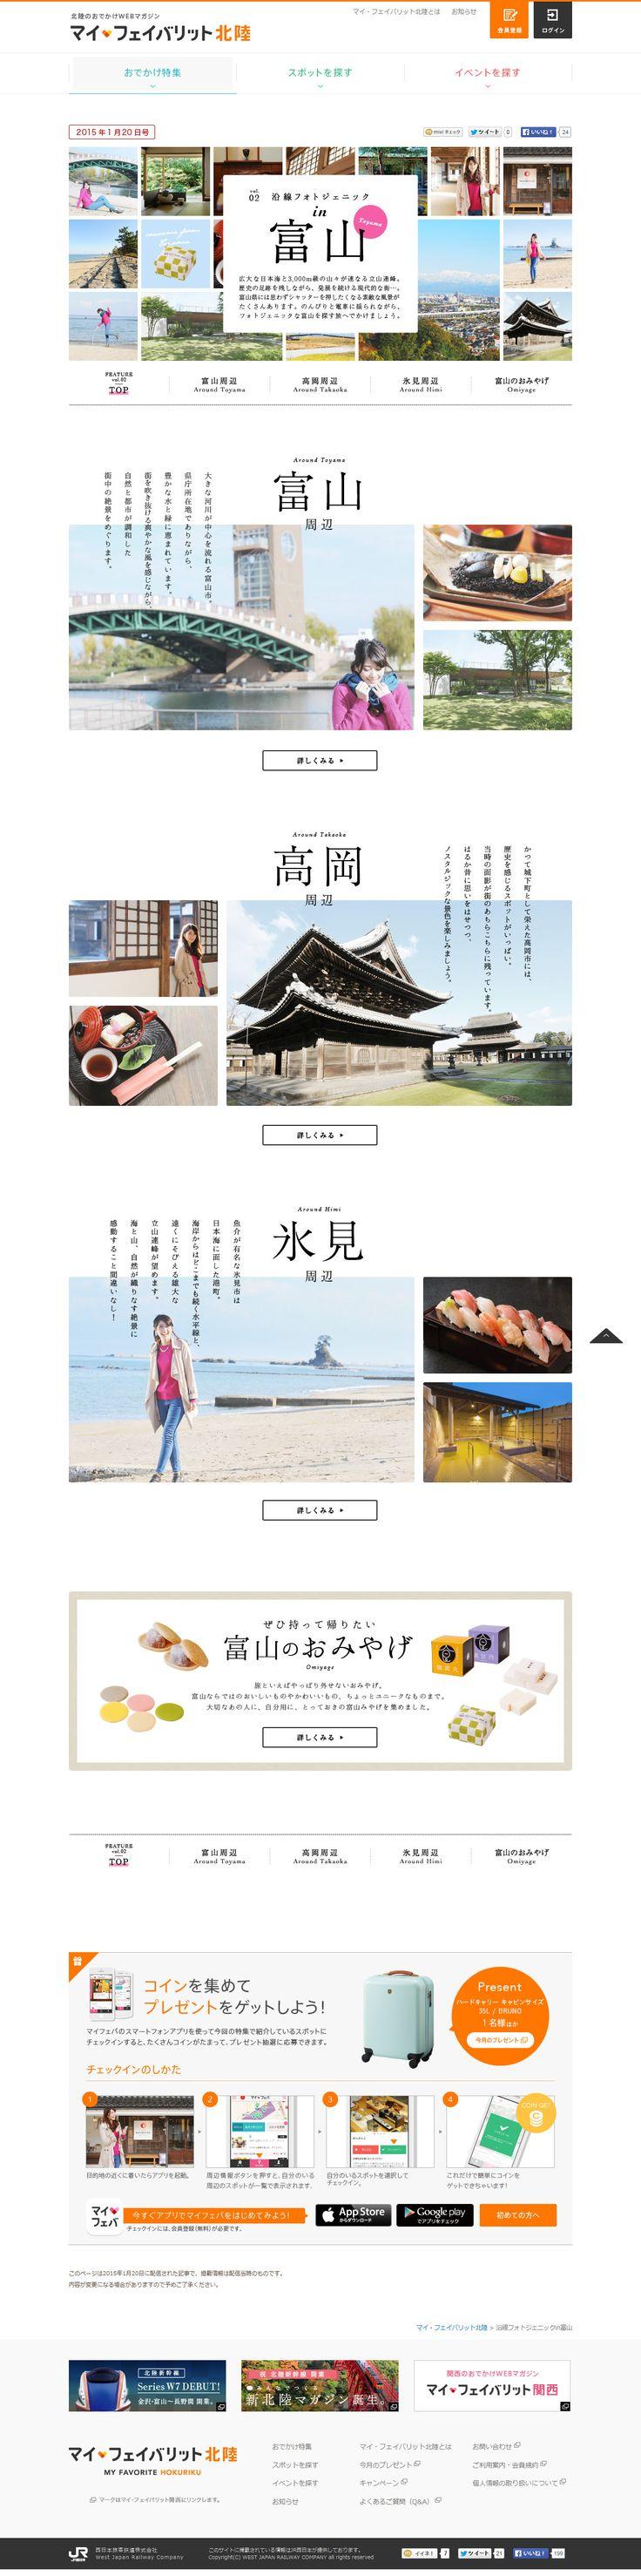 【特集Vol.2】沿線フォトジェニックin富山:マイ・フェイバリット北陸